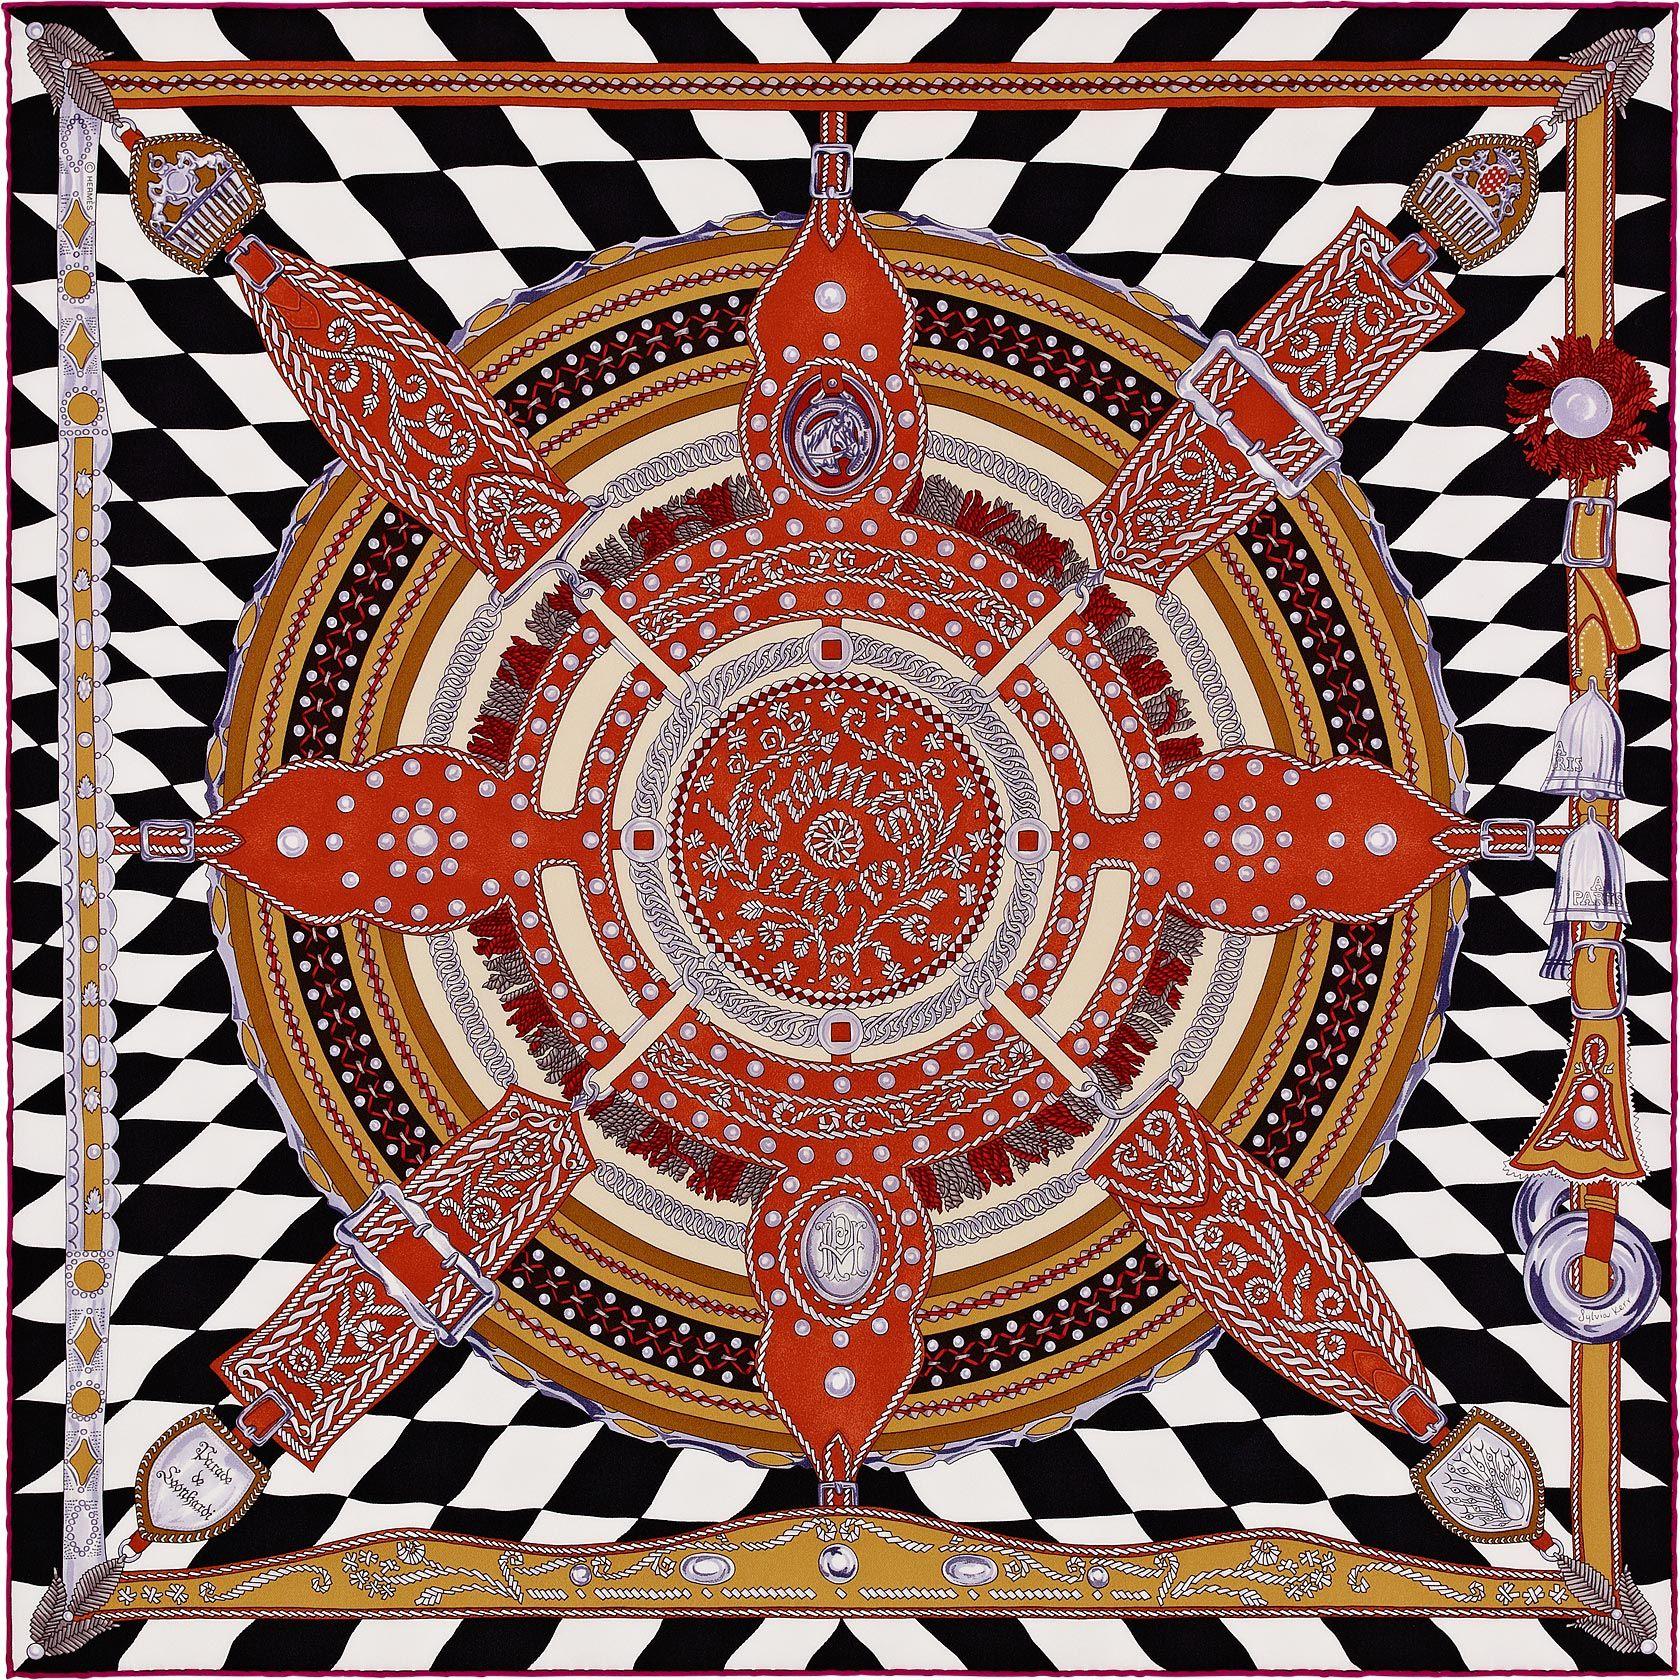 La Maison Des Carres Hermes Parade De Leonhardi Hermes Scarf Vintage Silk Scarf Colorful Prints